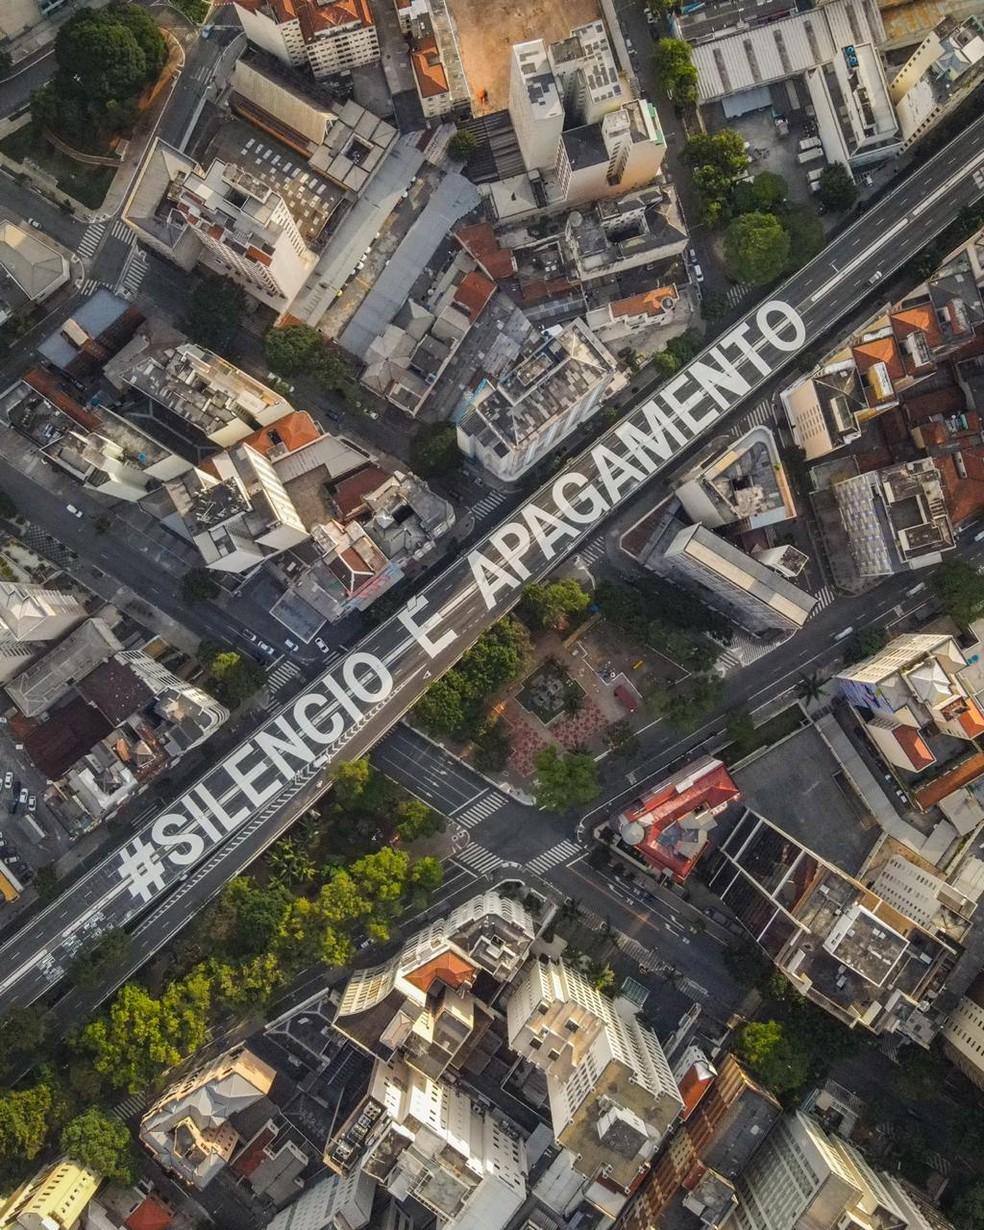 Inscrição 'Silêncio é apagamento' é pintada no Minhocão em SP — Foto: Nós Artivistas/Divulgação